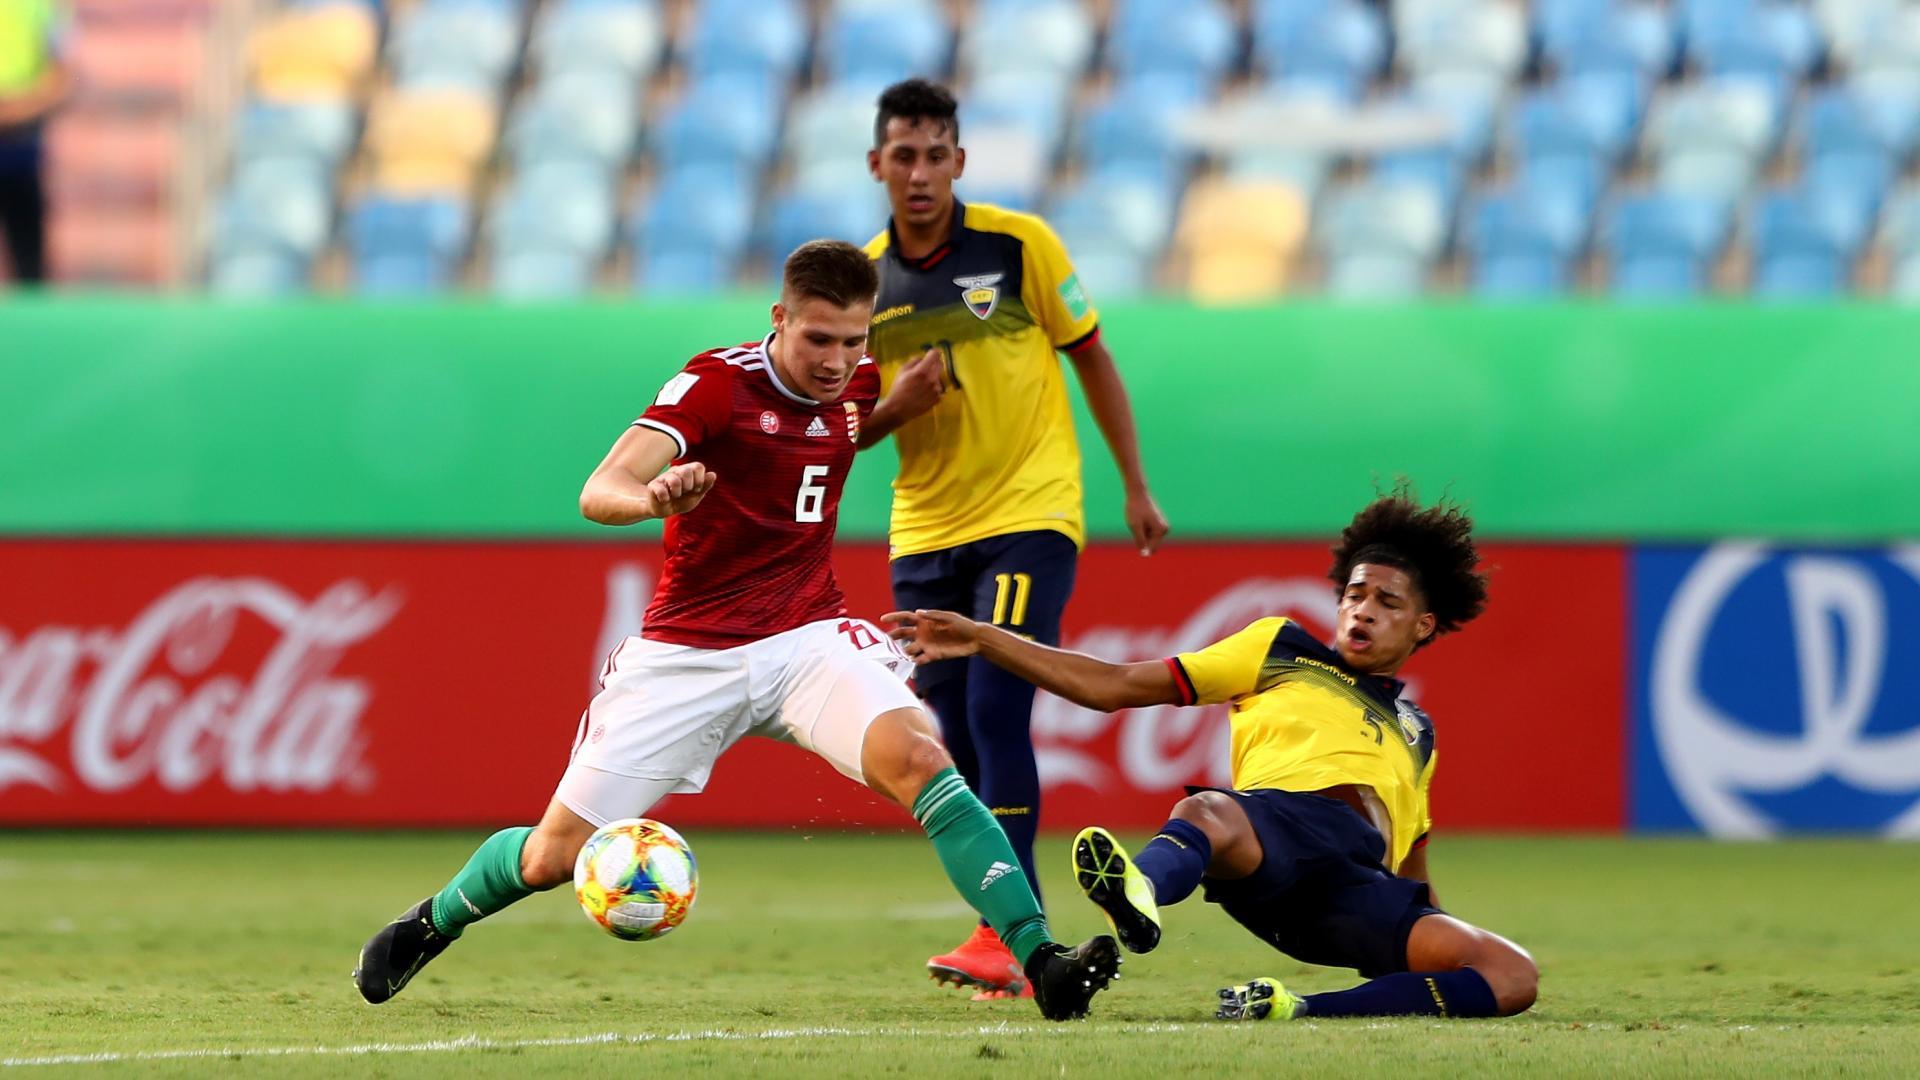 U19-es válogatott: Kata és Lehoczky is meghívót kapott, Winterre biztonsági tartalékként számítanak